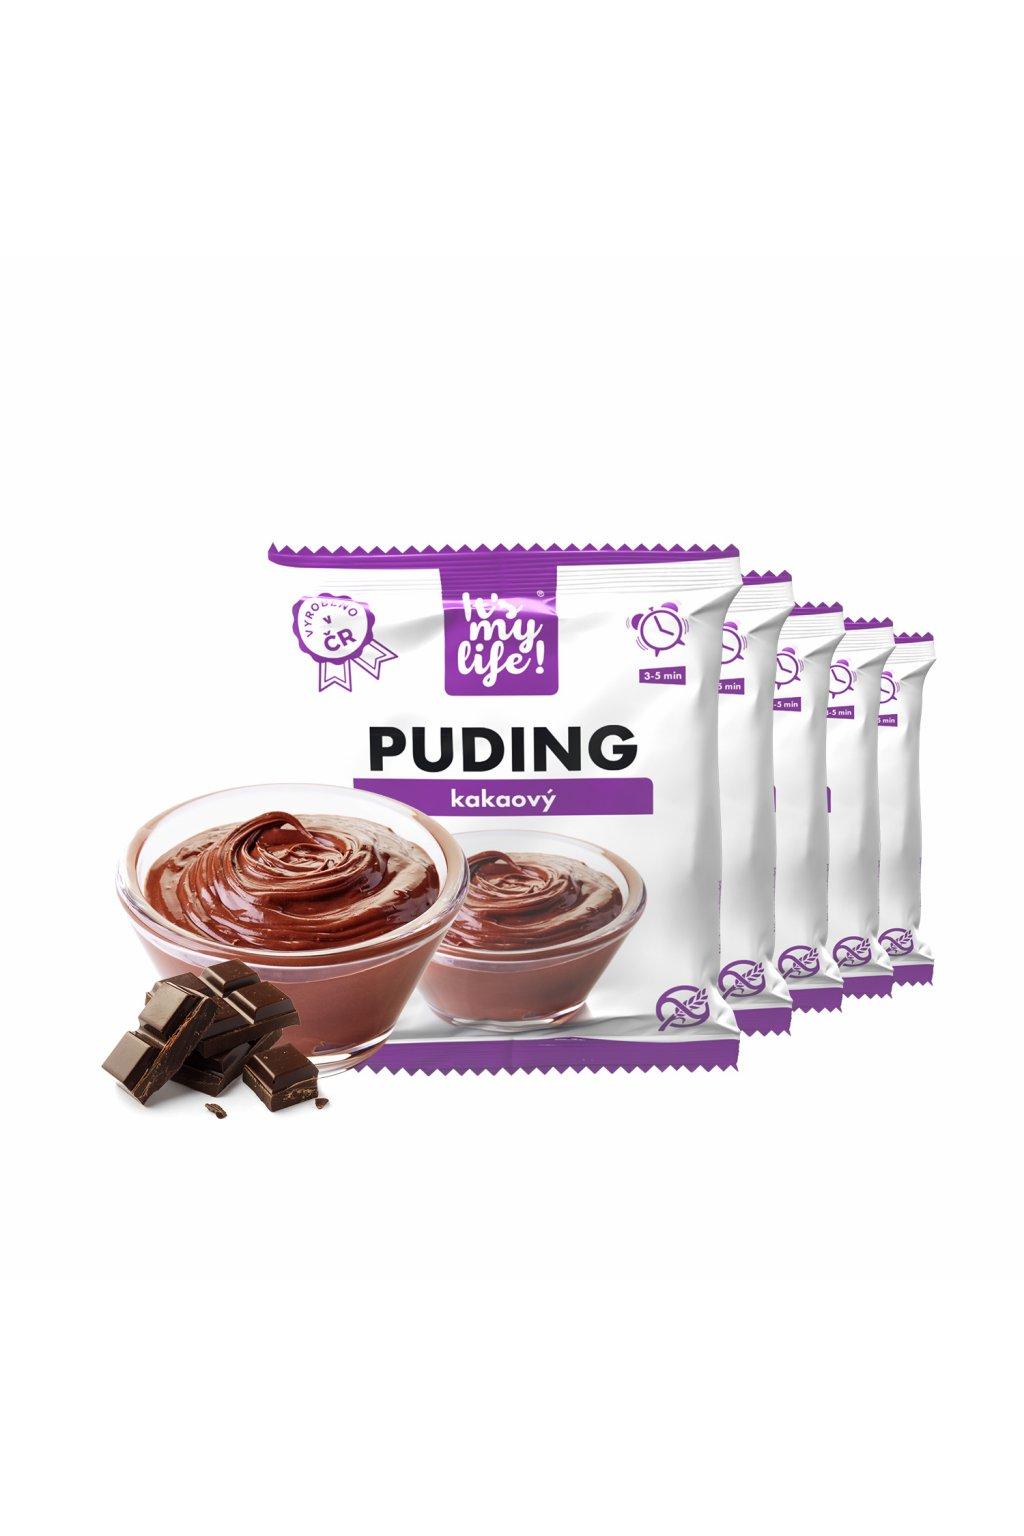 It's my life! Proteinový puding kakaový 175g (5 porce)